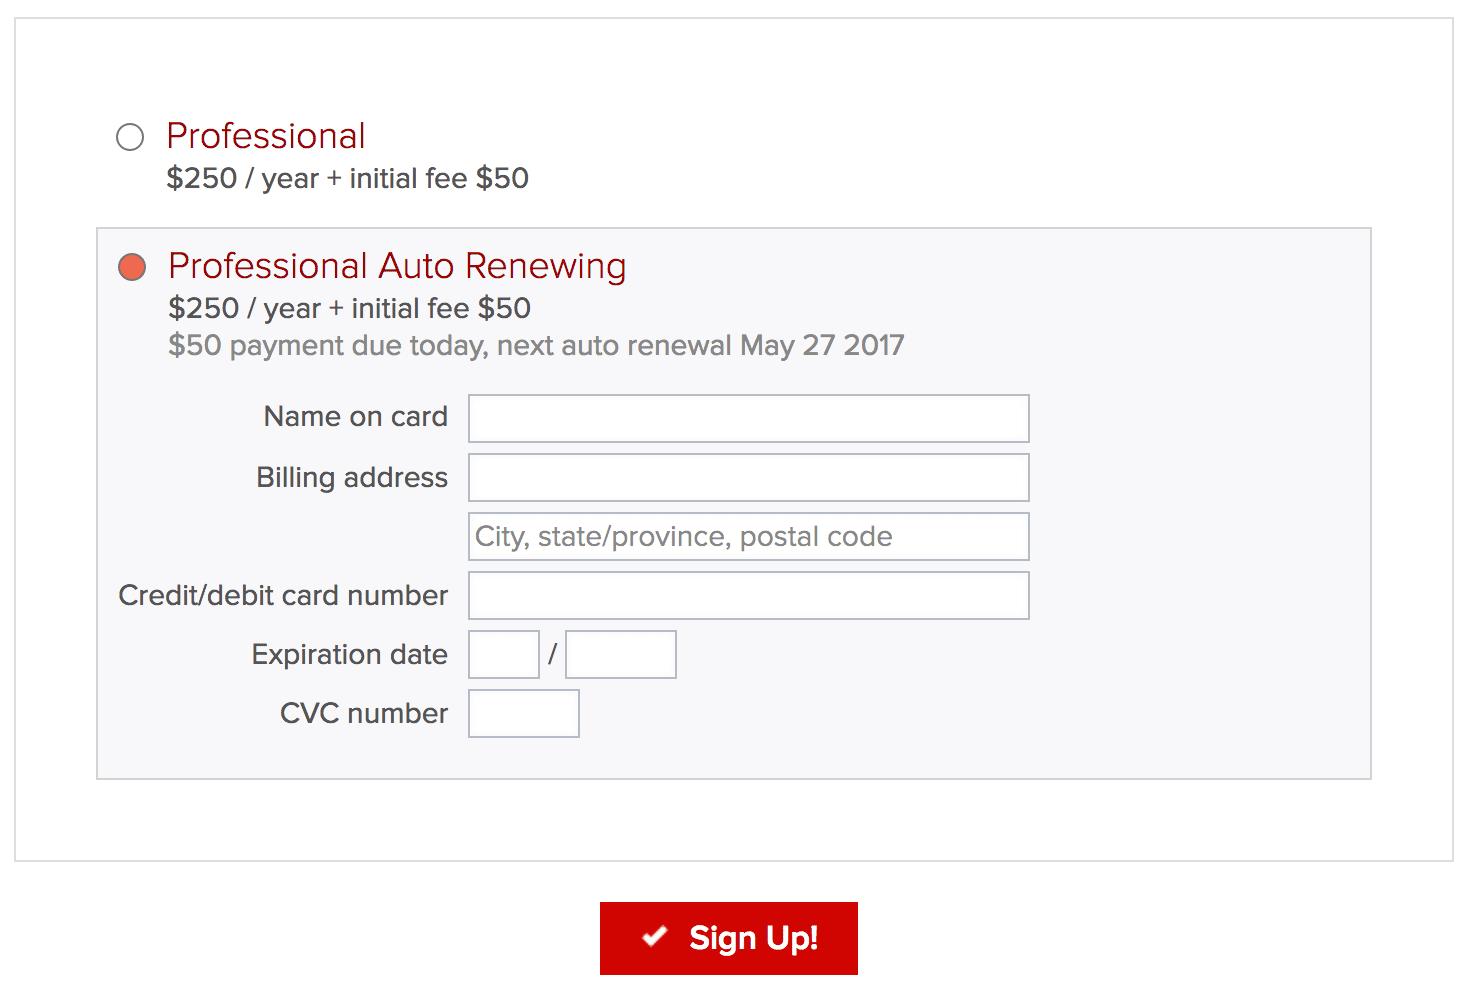 Membershipworks Membership Management Software payment screen